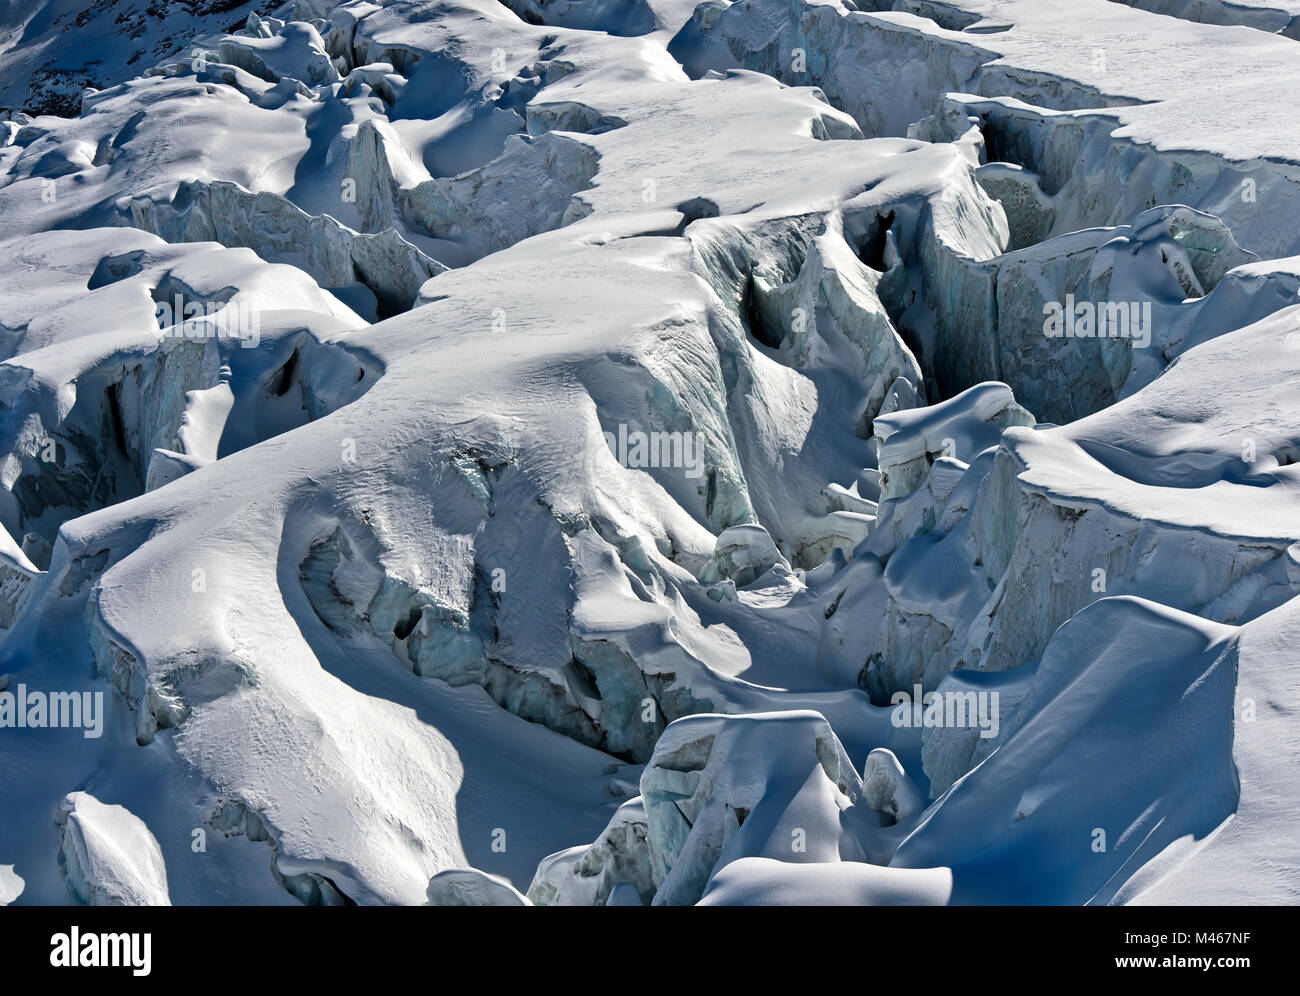 Grietas del glaciar Feegletscher, Saas-Fee, Valais, Suiza Imagen De Stock